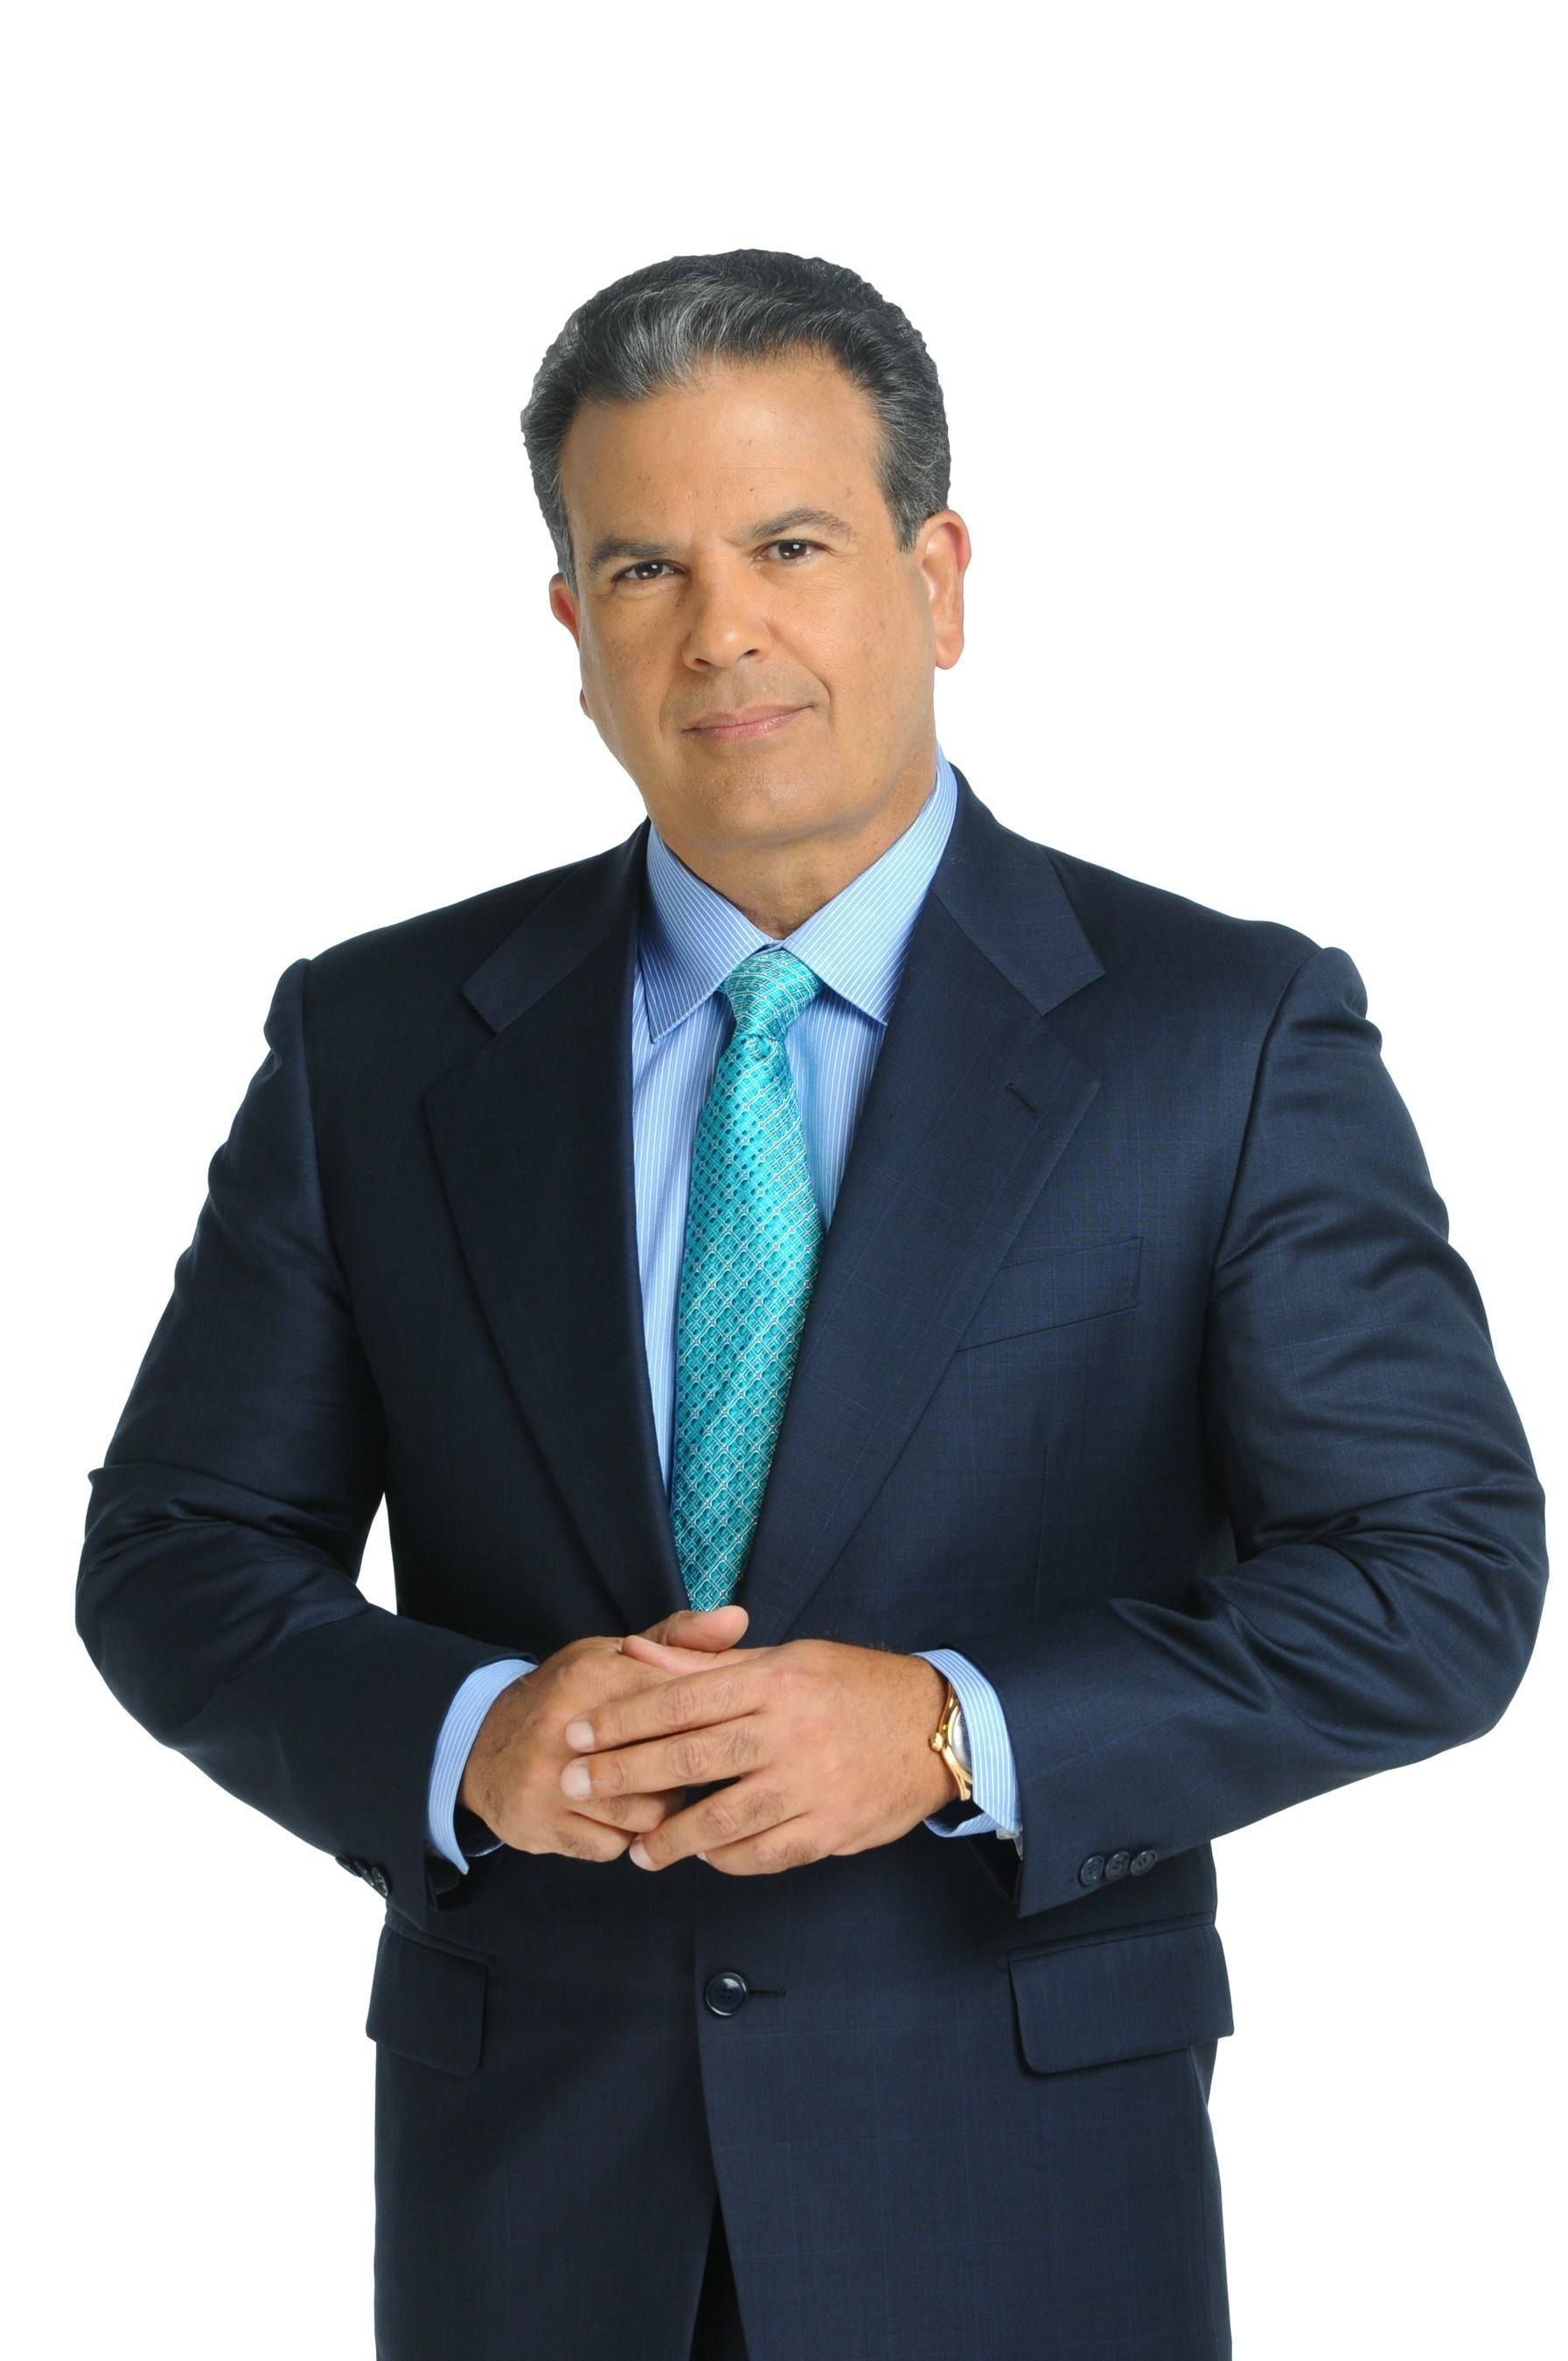 Felix Guillermo